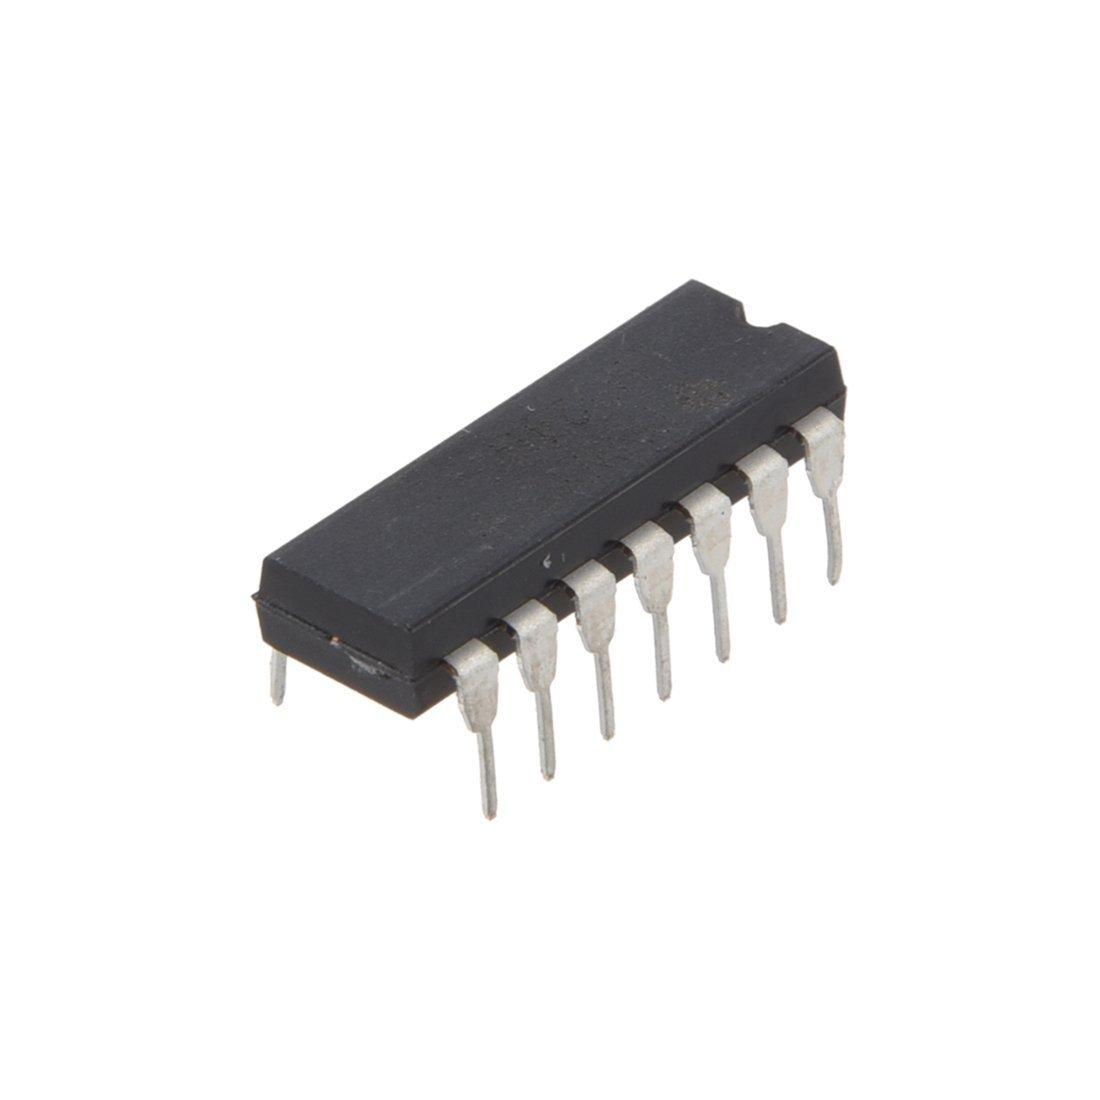 Amplificador - SODIAL(R) 10 x LM324N baja potencia Quad DIP-14 Amplificador operacional: Amazon.es: Bricolaje y herramientas